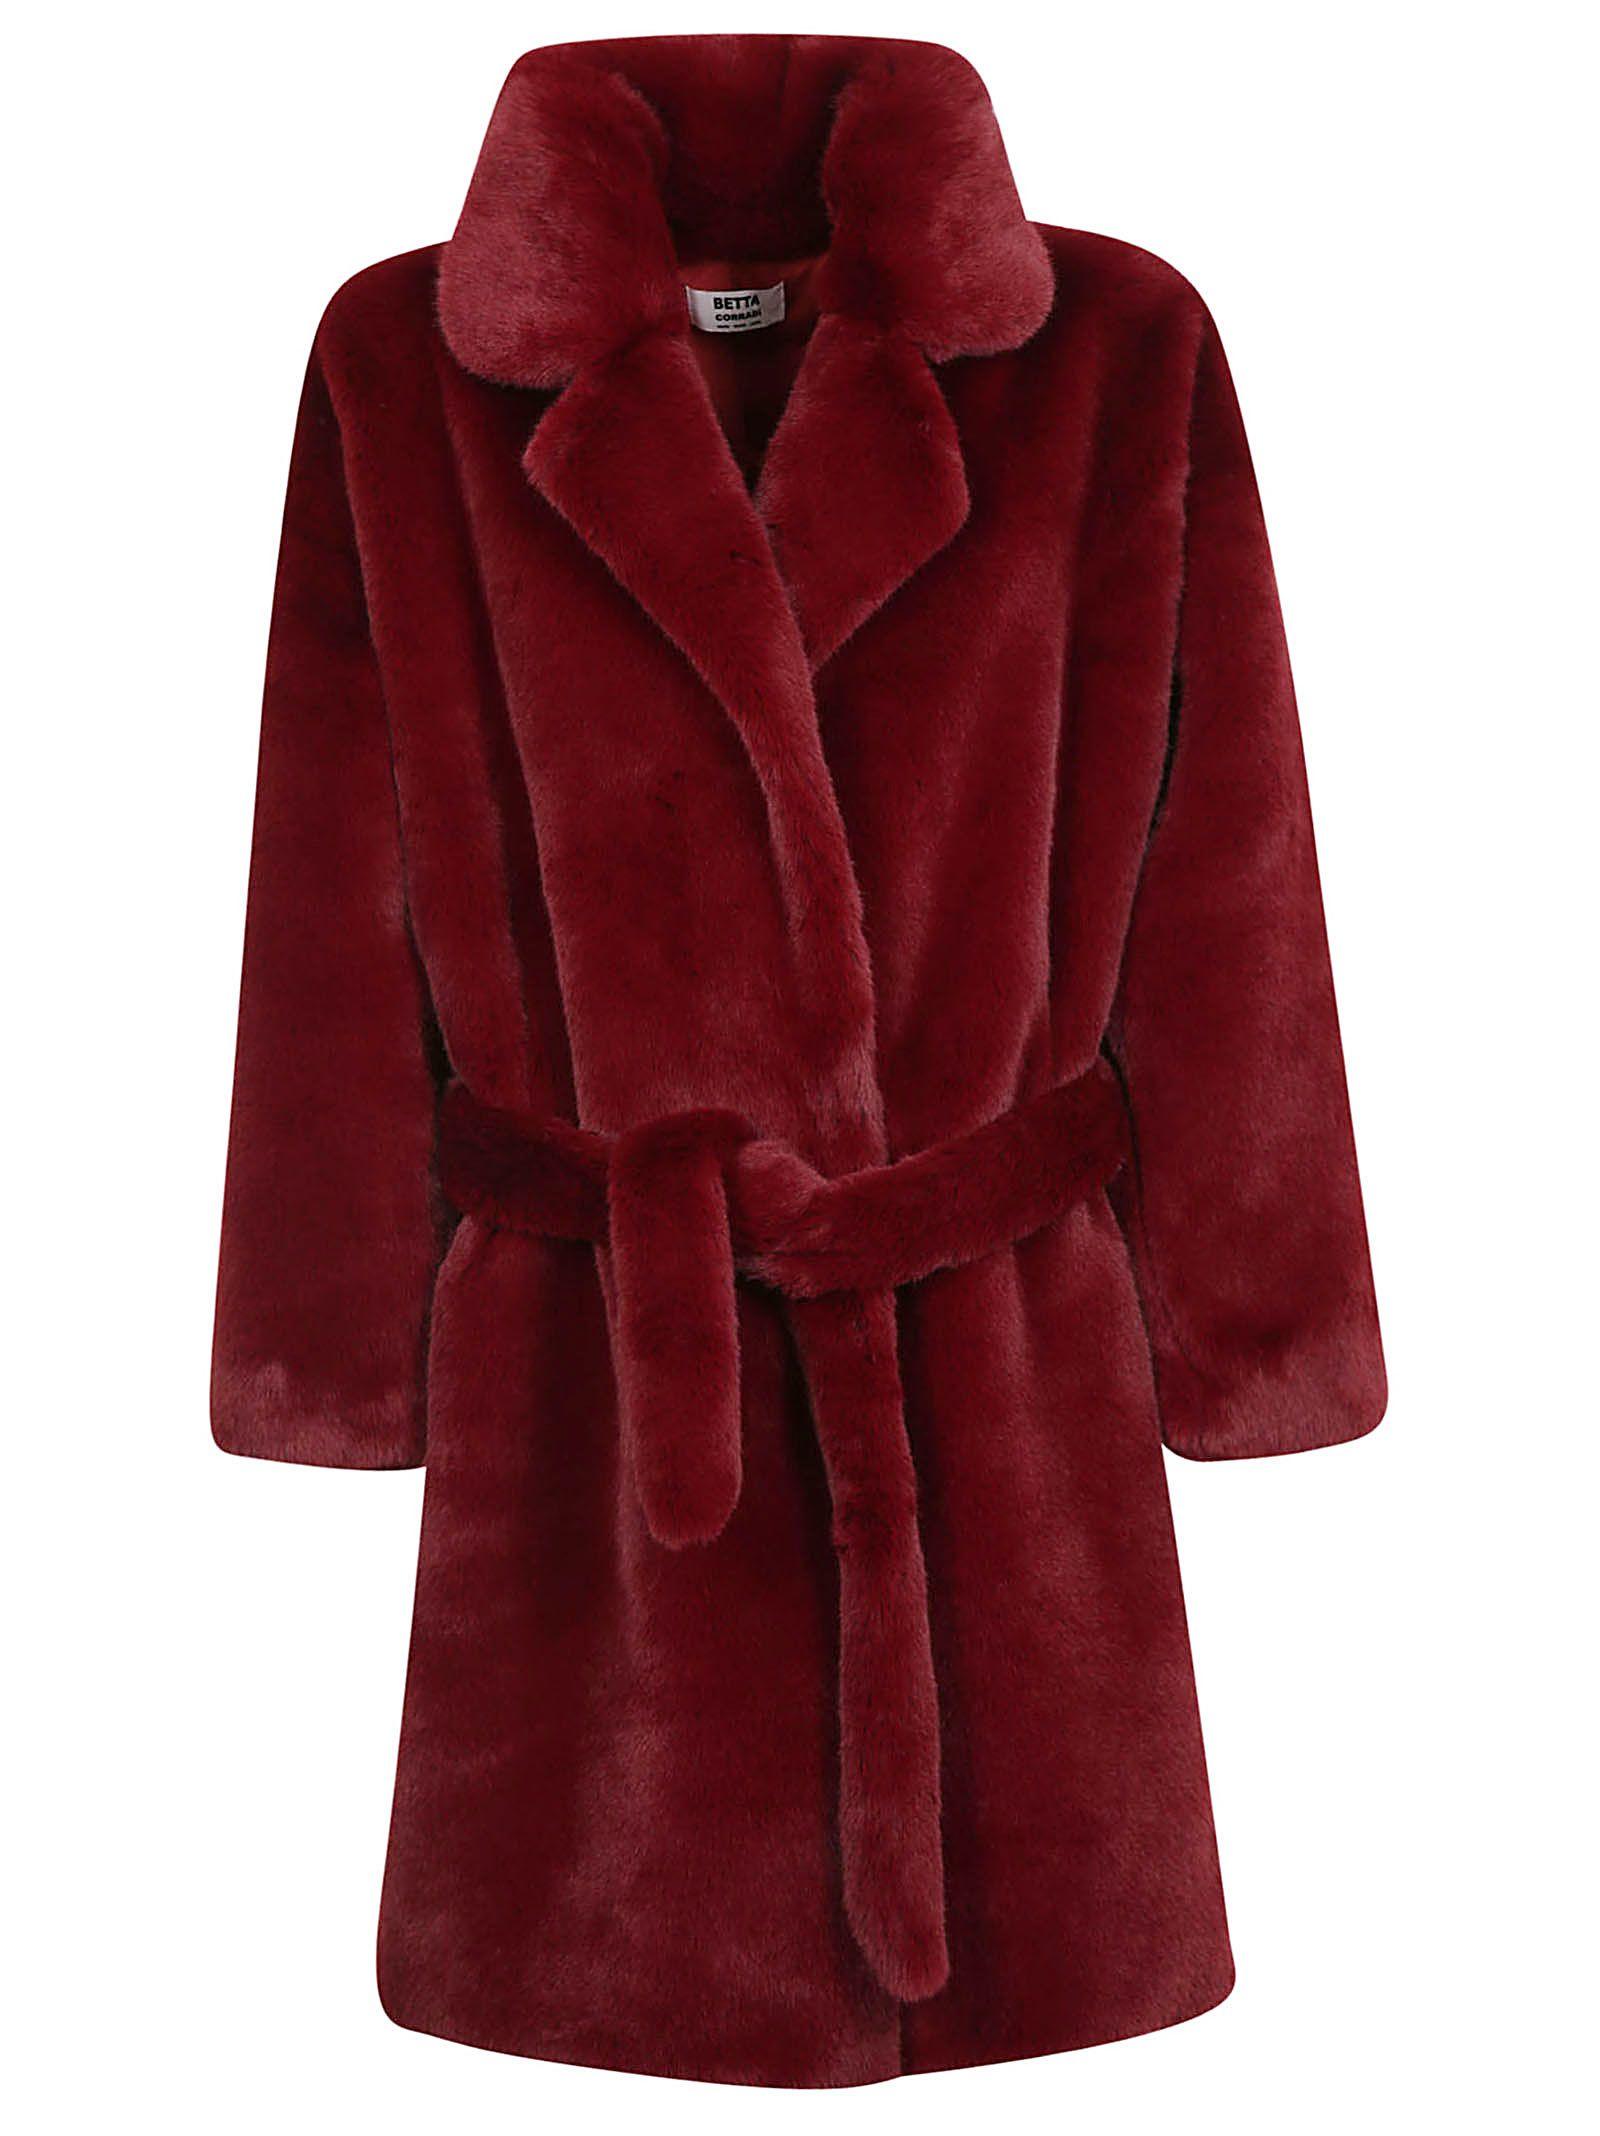 BETTA CORRADI Belted Coat in Bordeaux